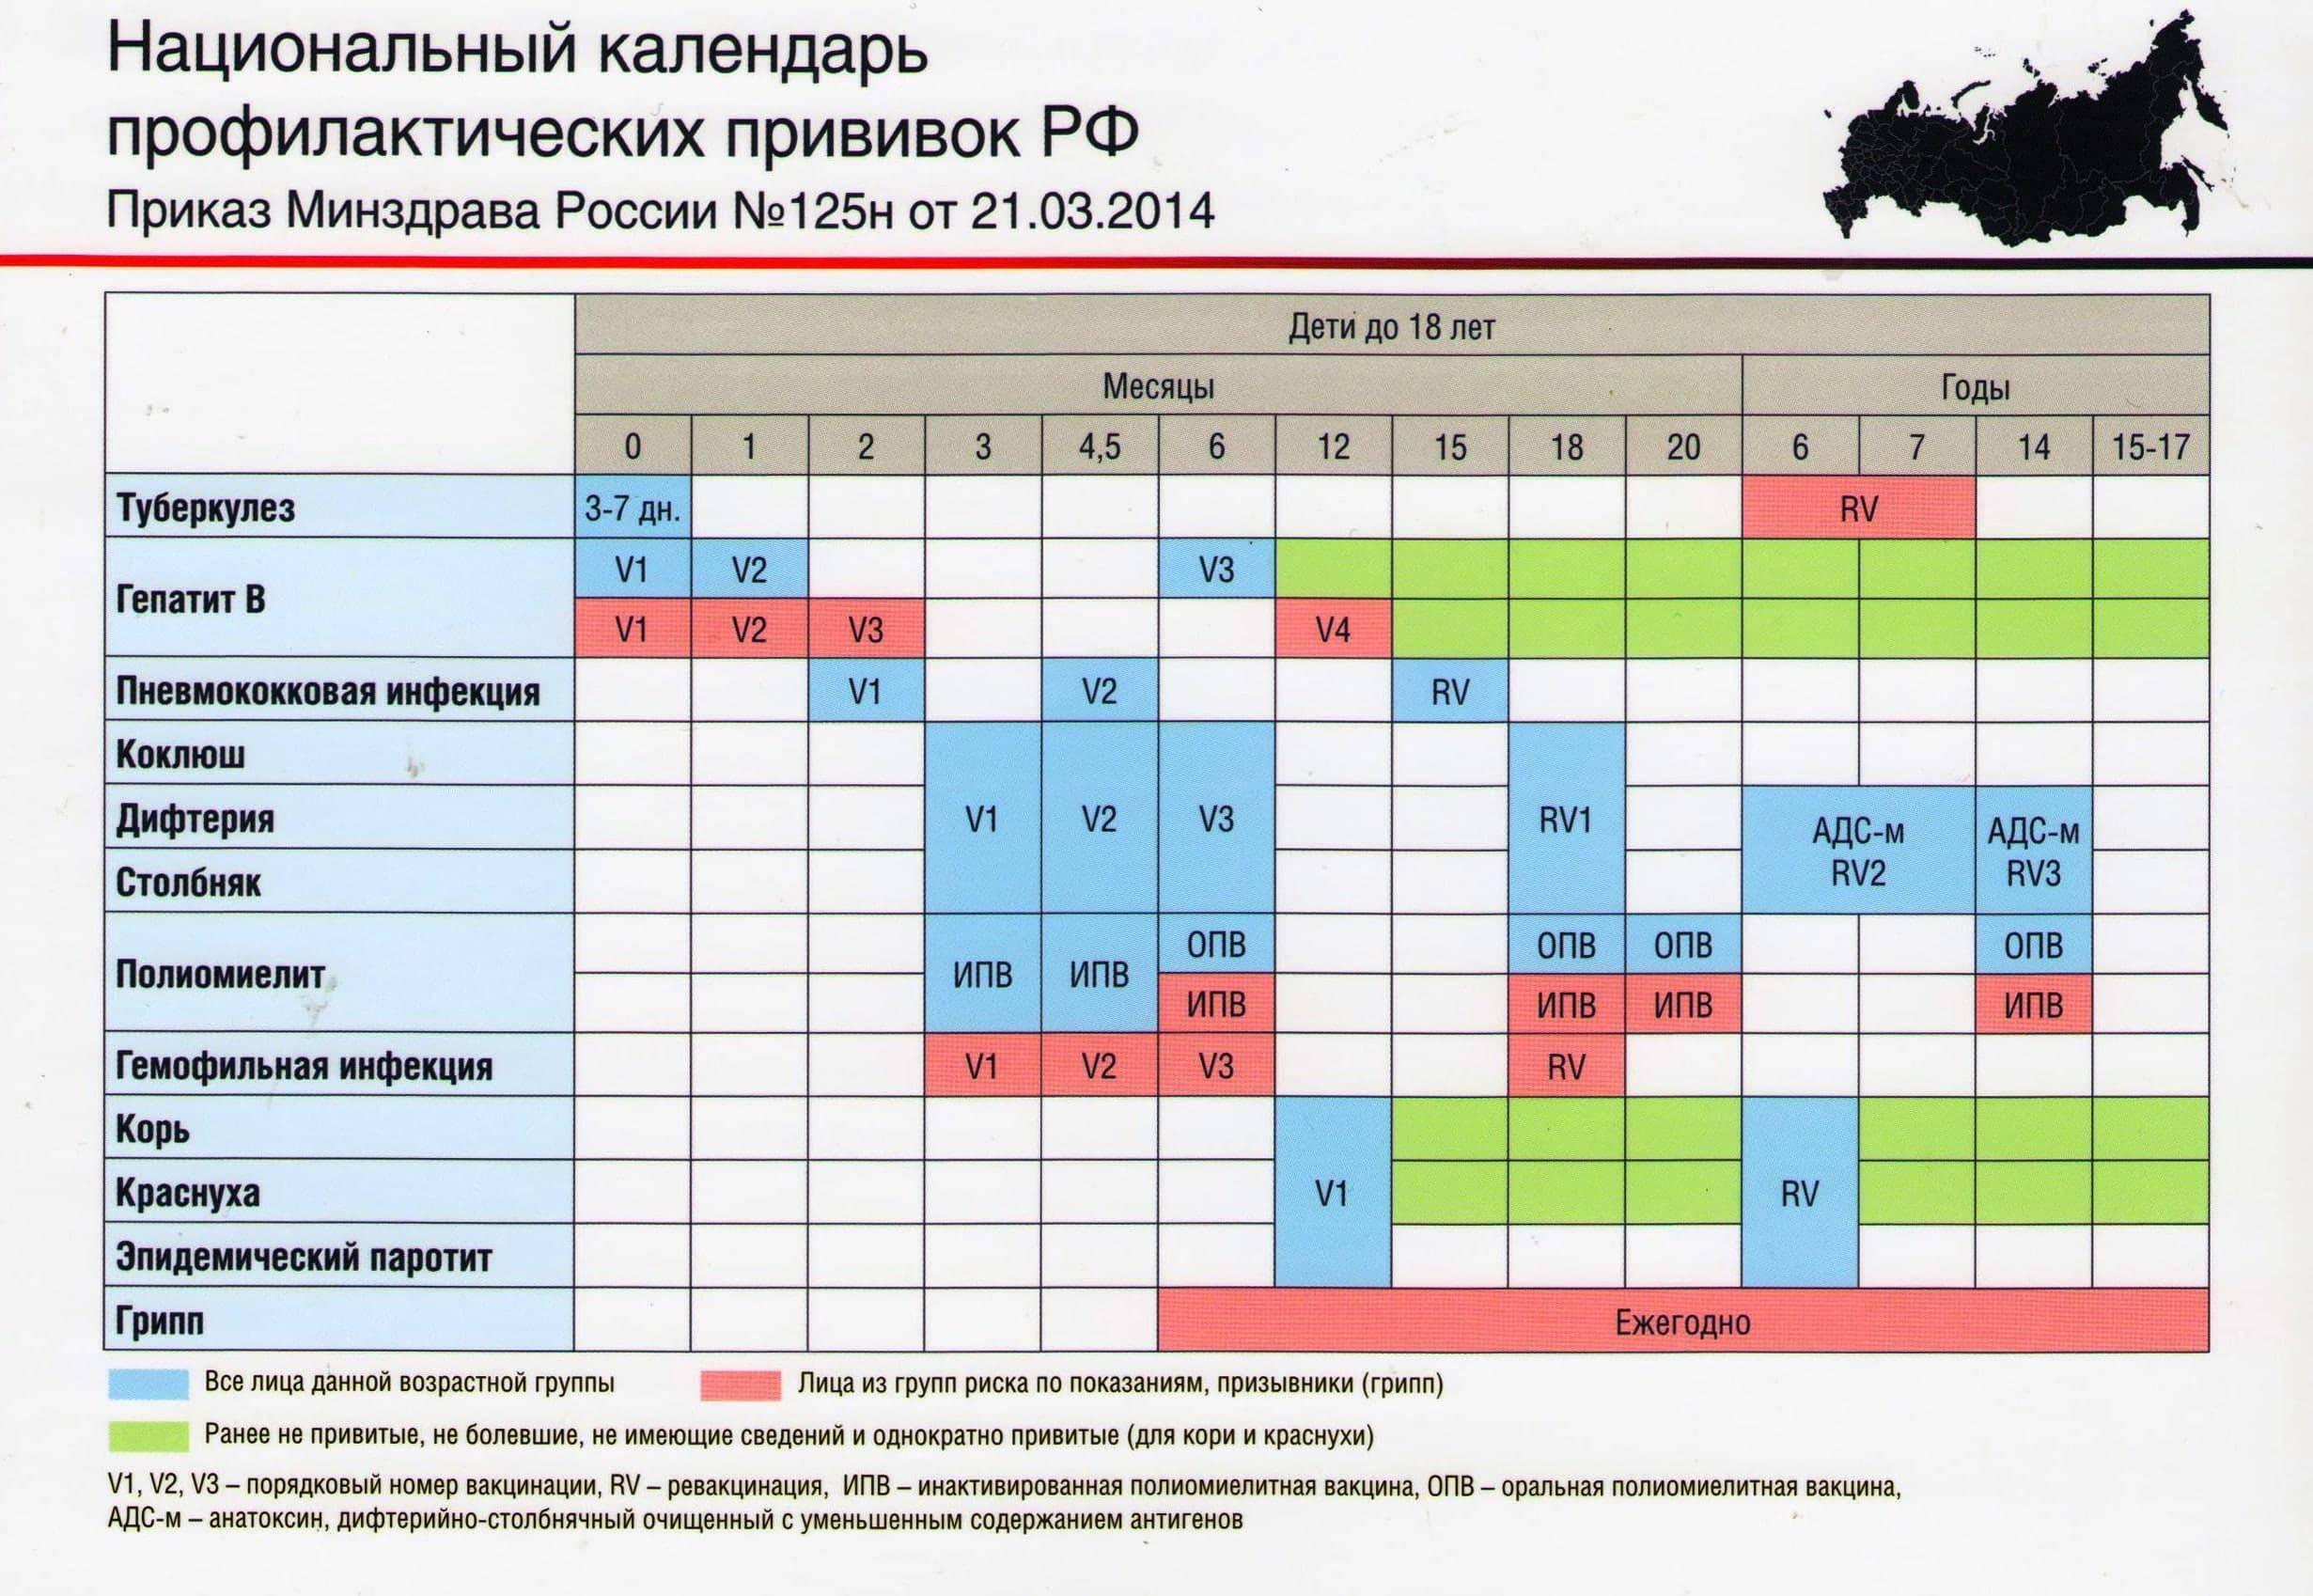 Национальный календарь профилактических прививок с последними изменениями: своевременная вакцинация для детей и взрослых